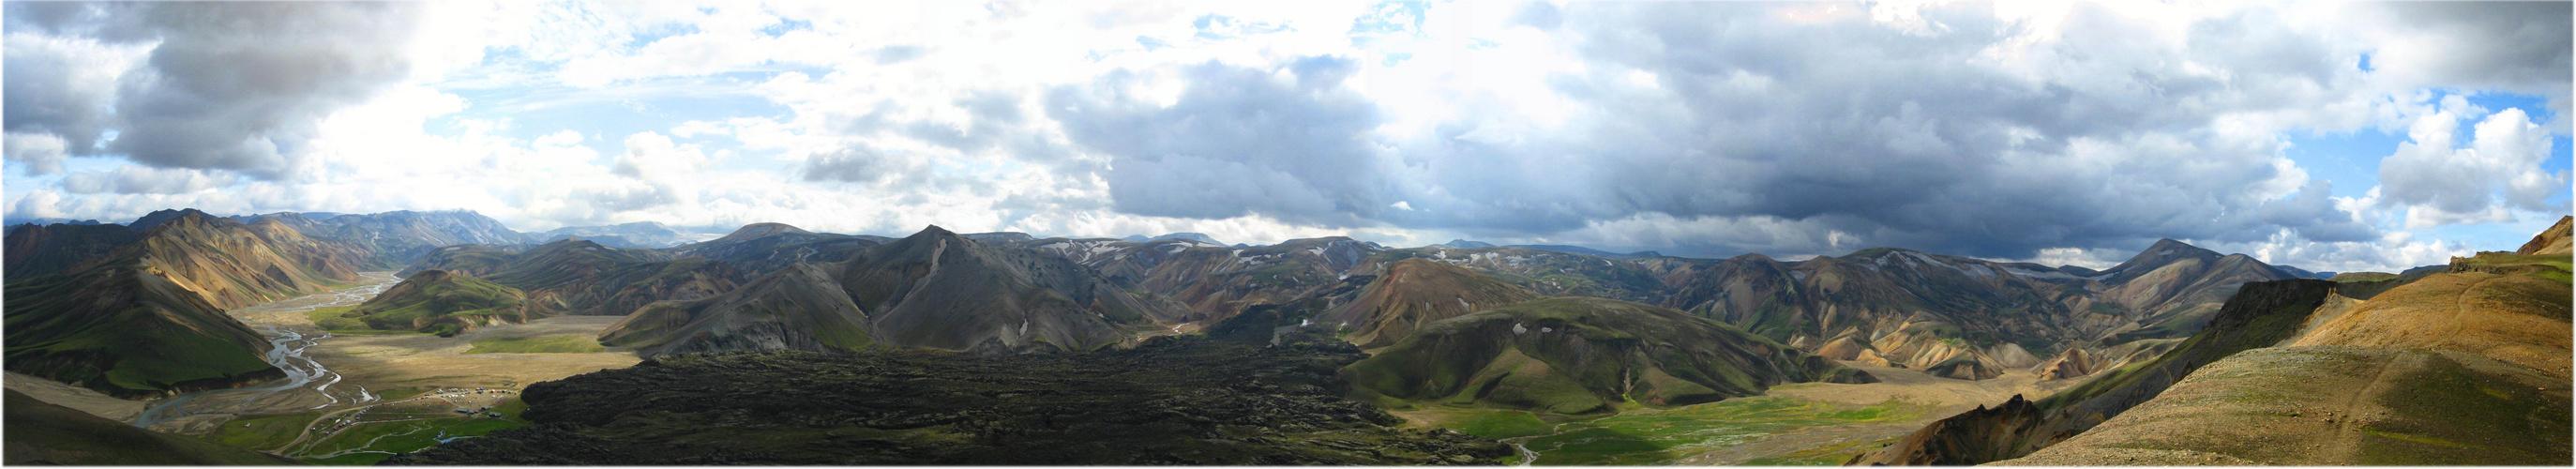 Suðurnámur/Landmannalaugar